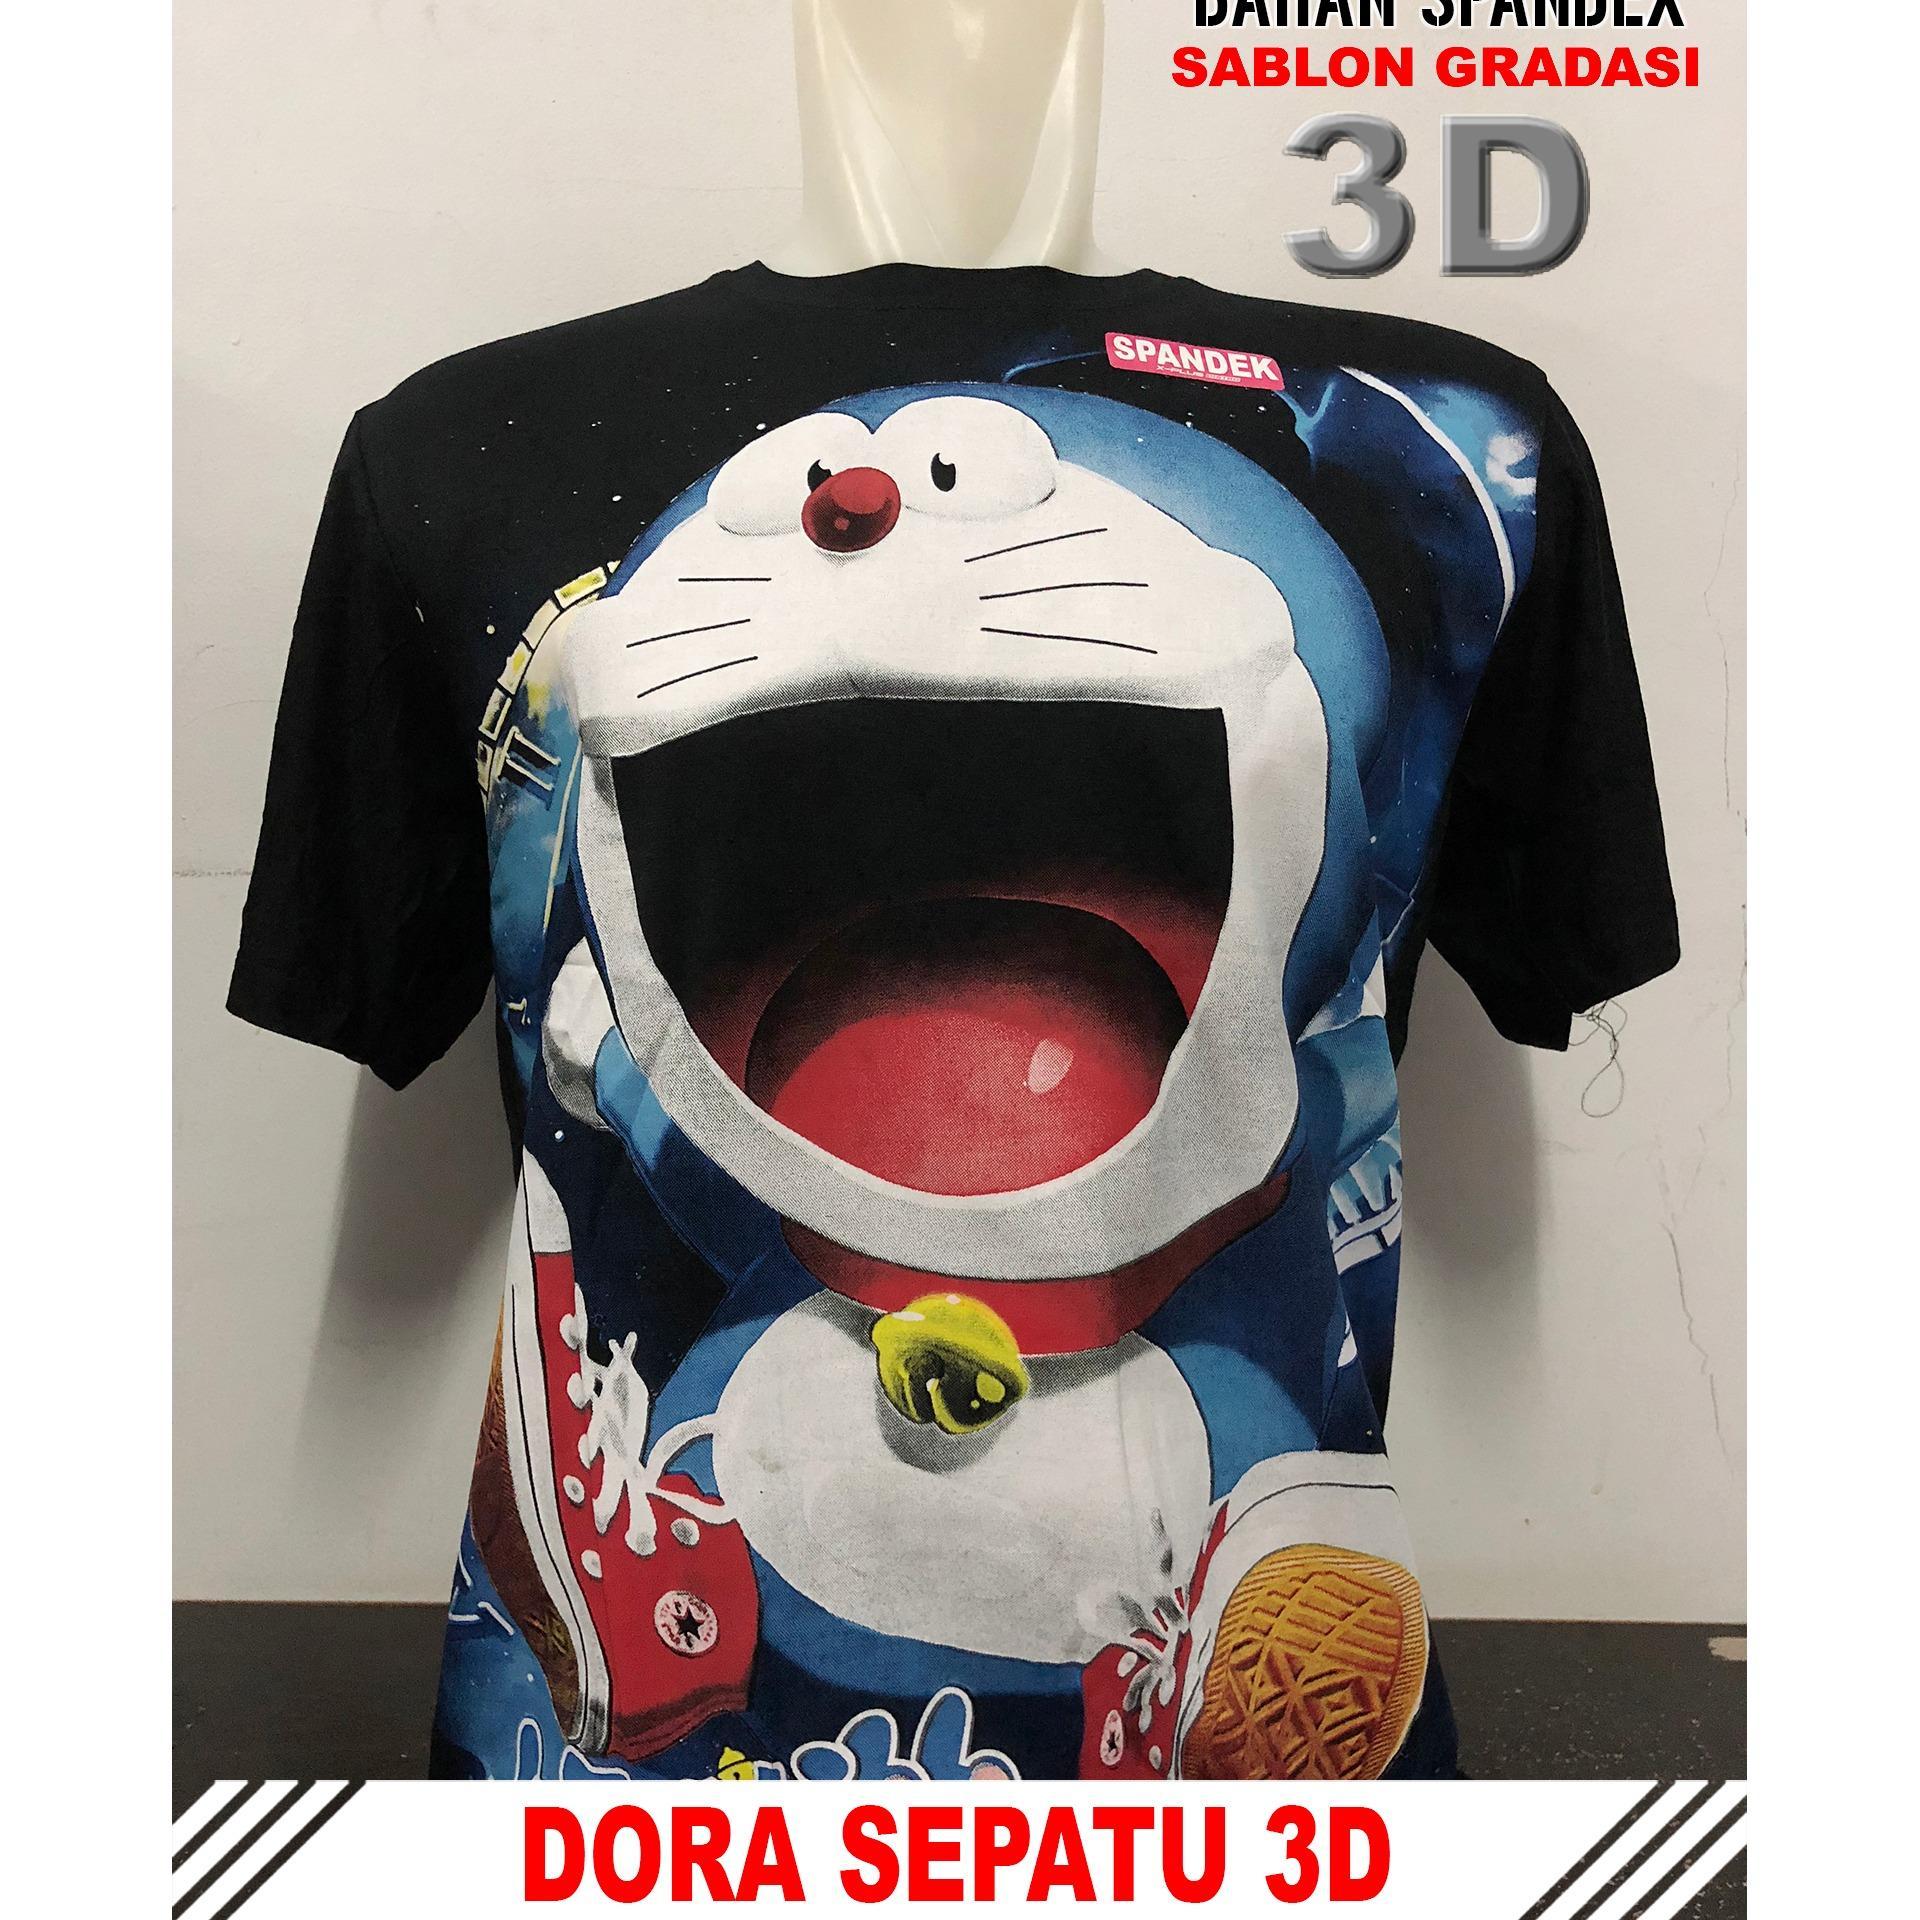 Anime King - Kaos T-Shirt Distro / kaos Pria / Tshirt Pria / Distro